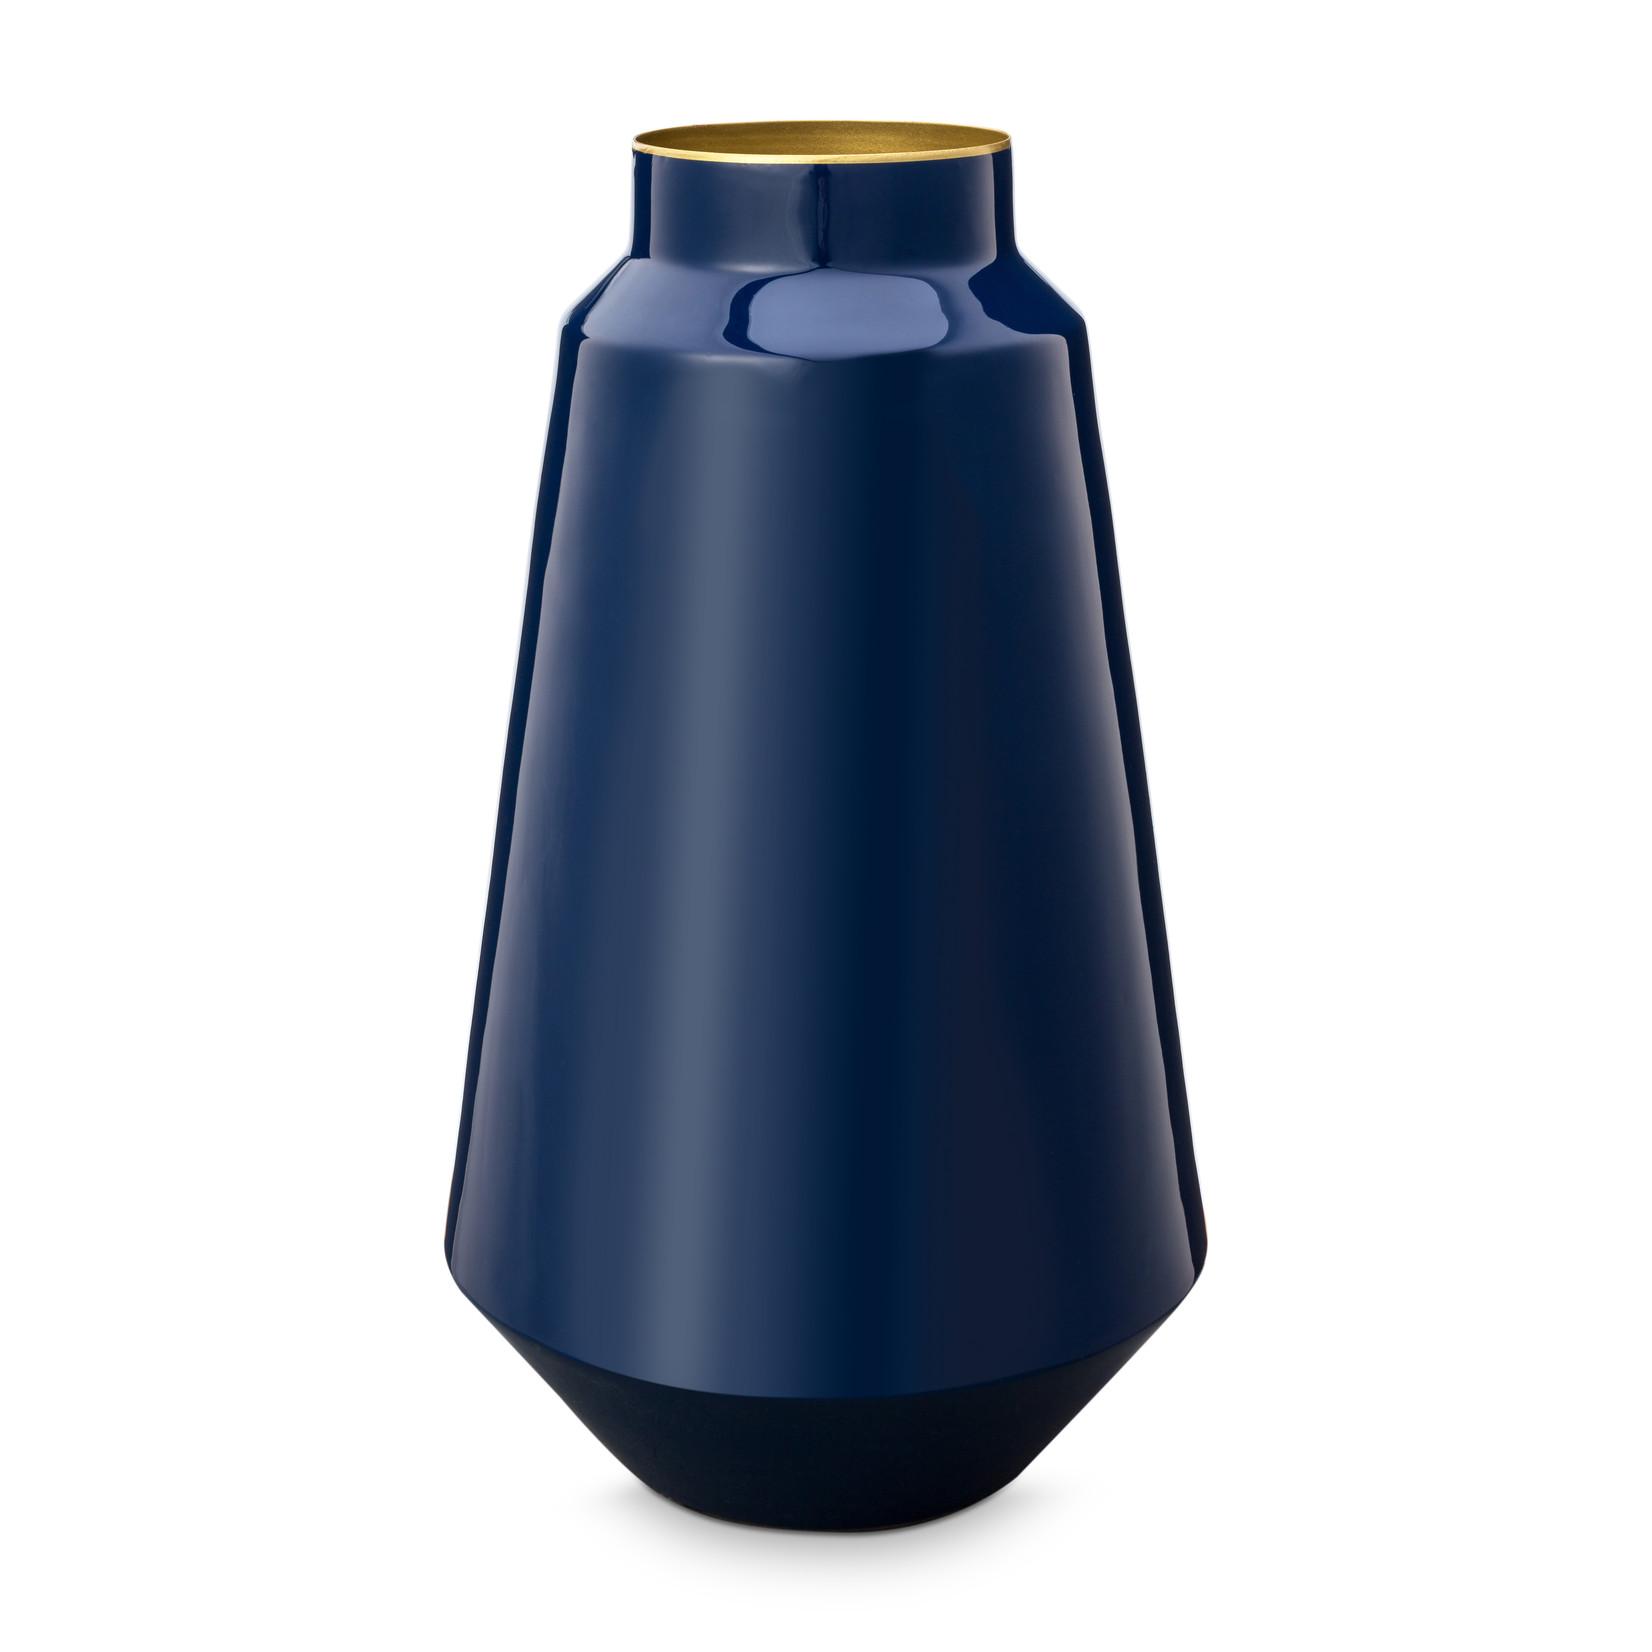 Pip Studio Home Accessoires Vase Metal Blue 36cm